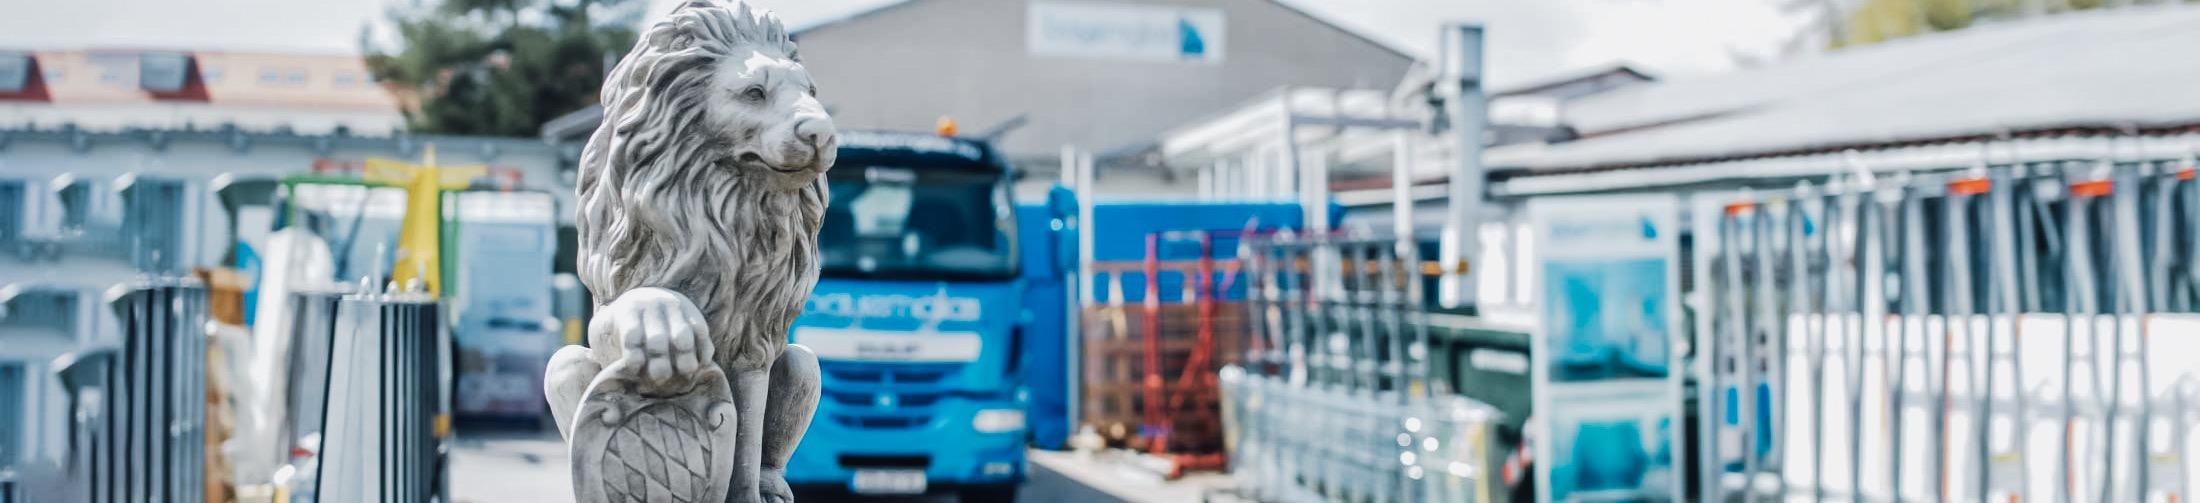 Glaserei Bayernglas Wartenberg zwischen München und Landshut Header Startseite-2200x503 2